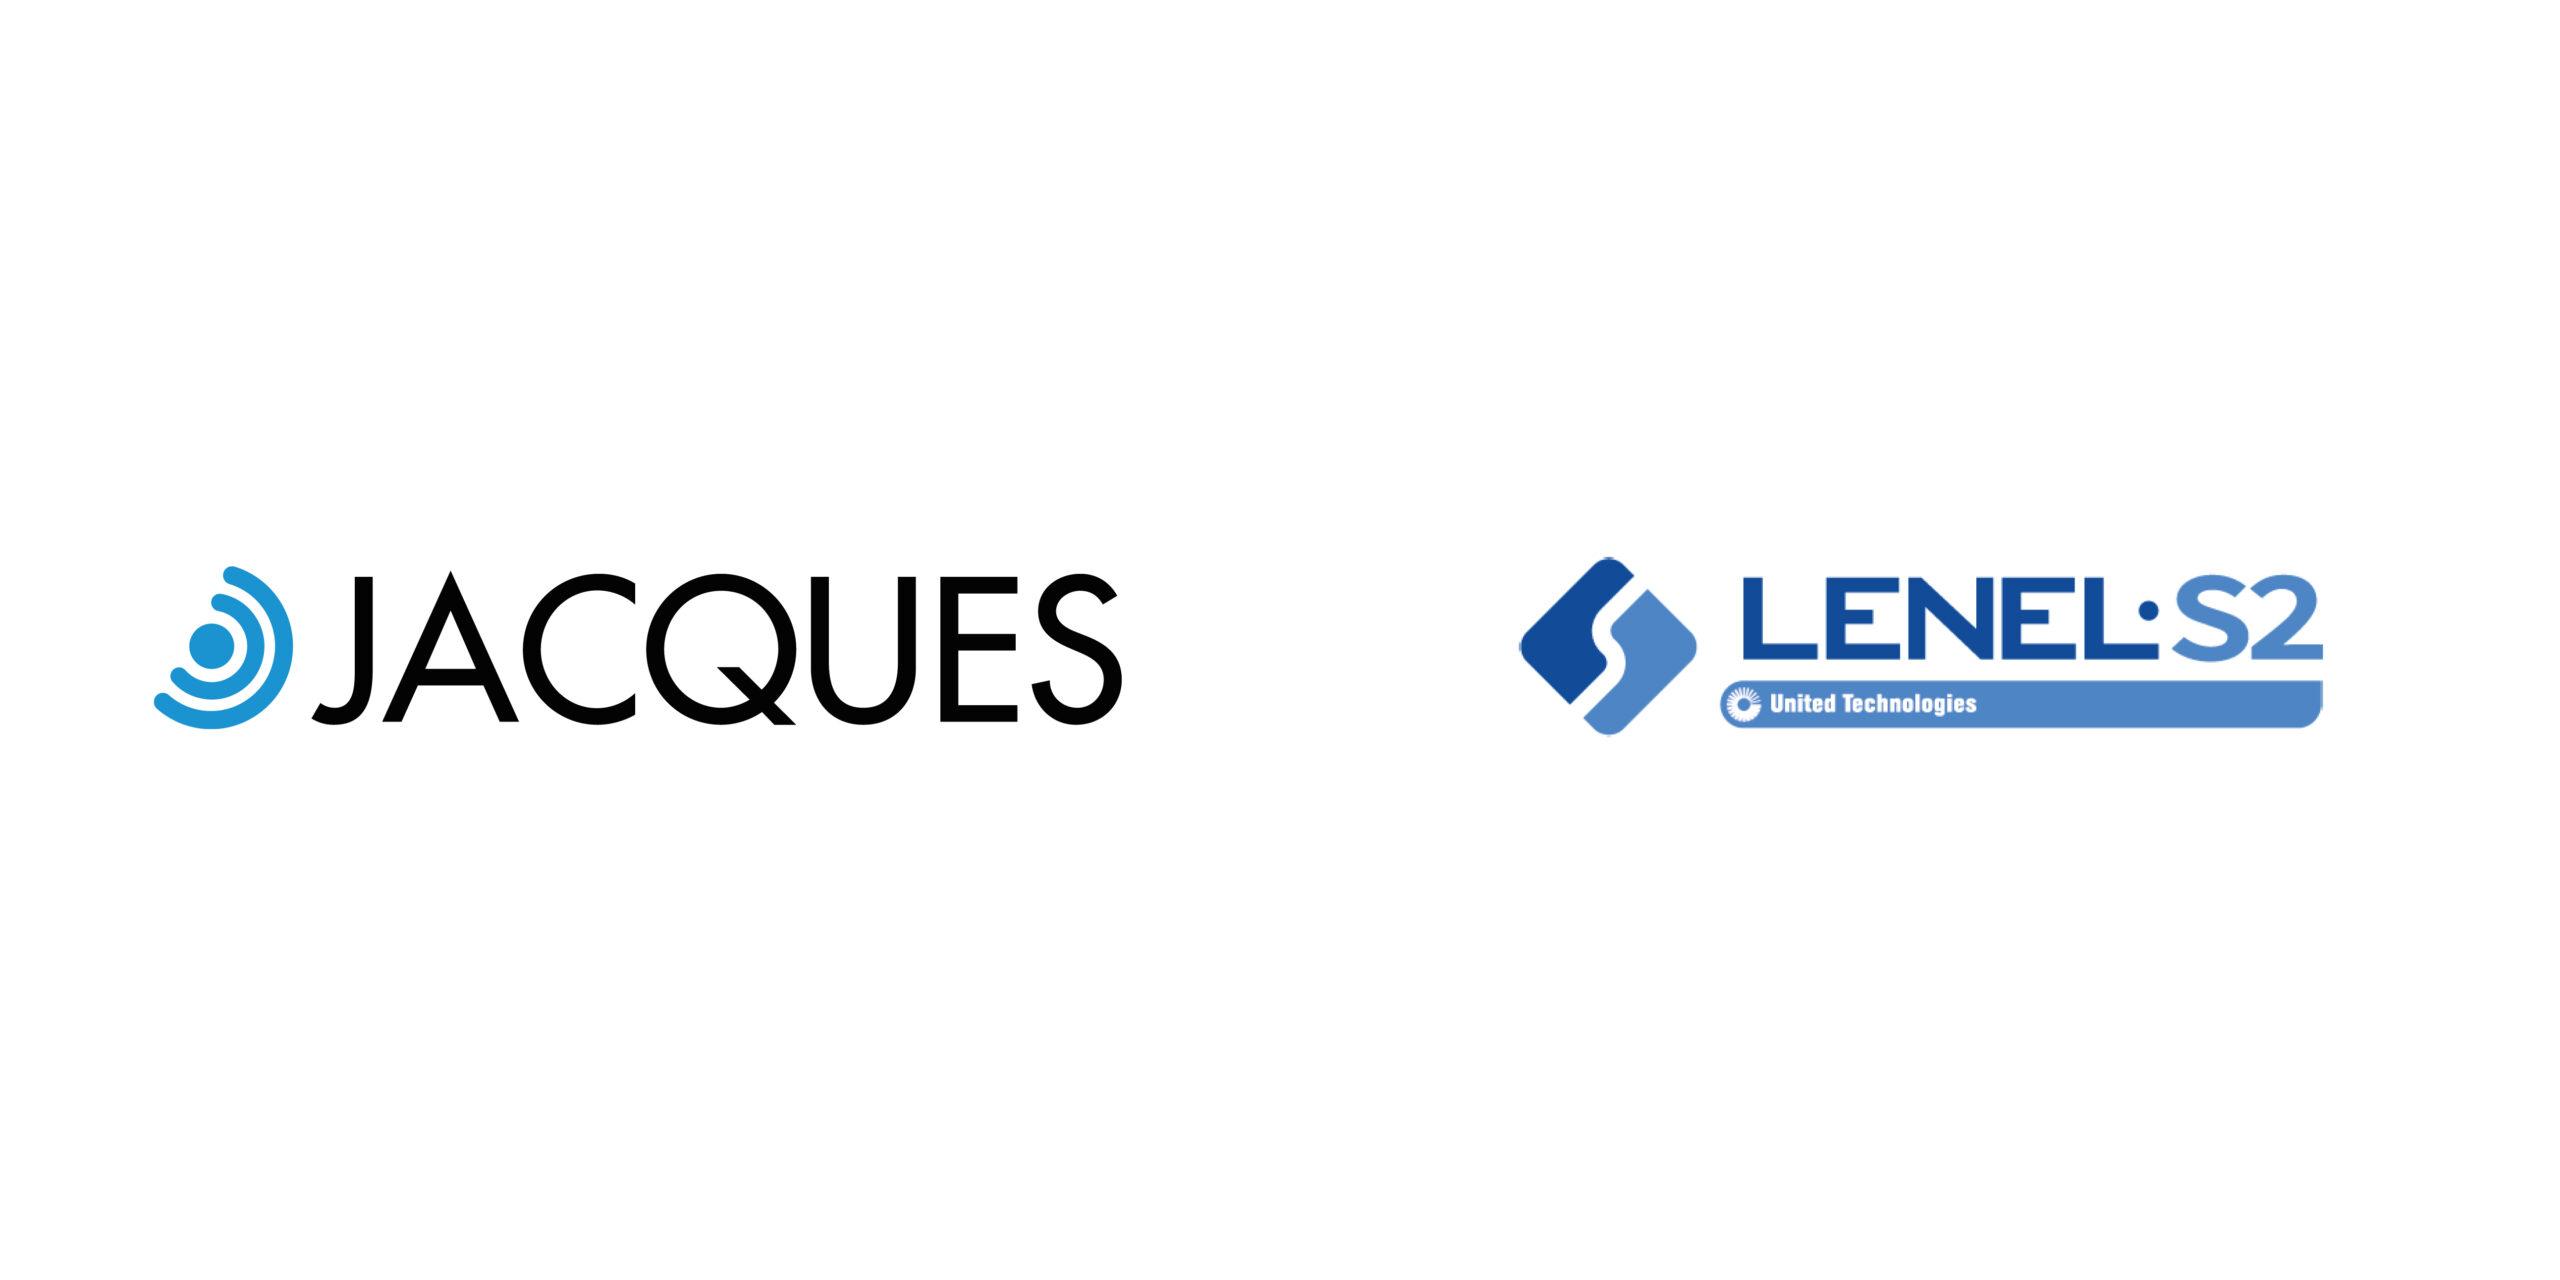 Jacques Receives LenelS2 Certification